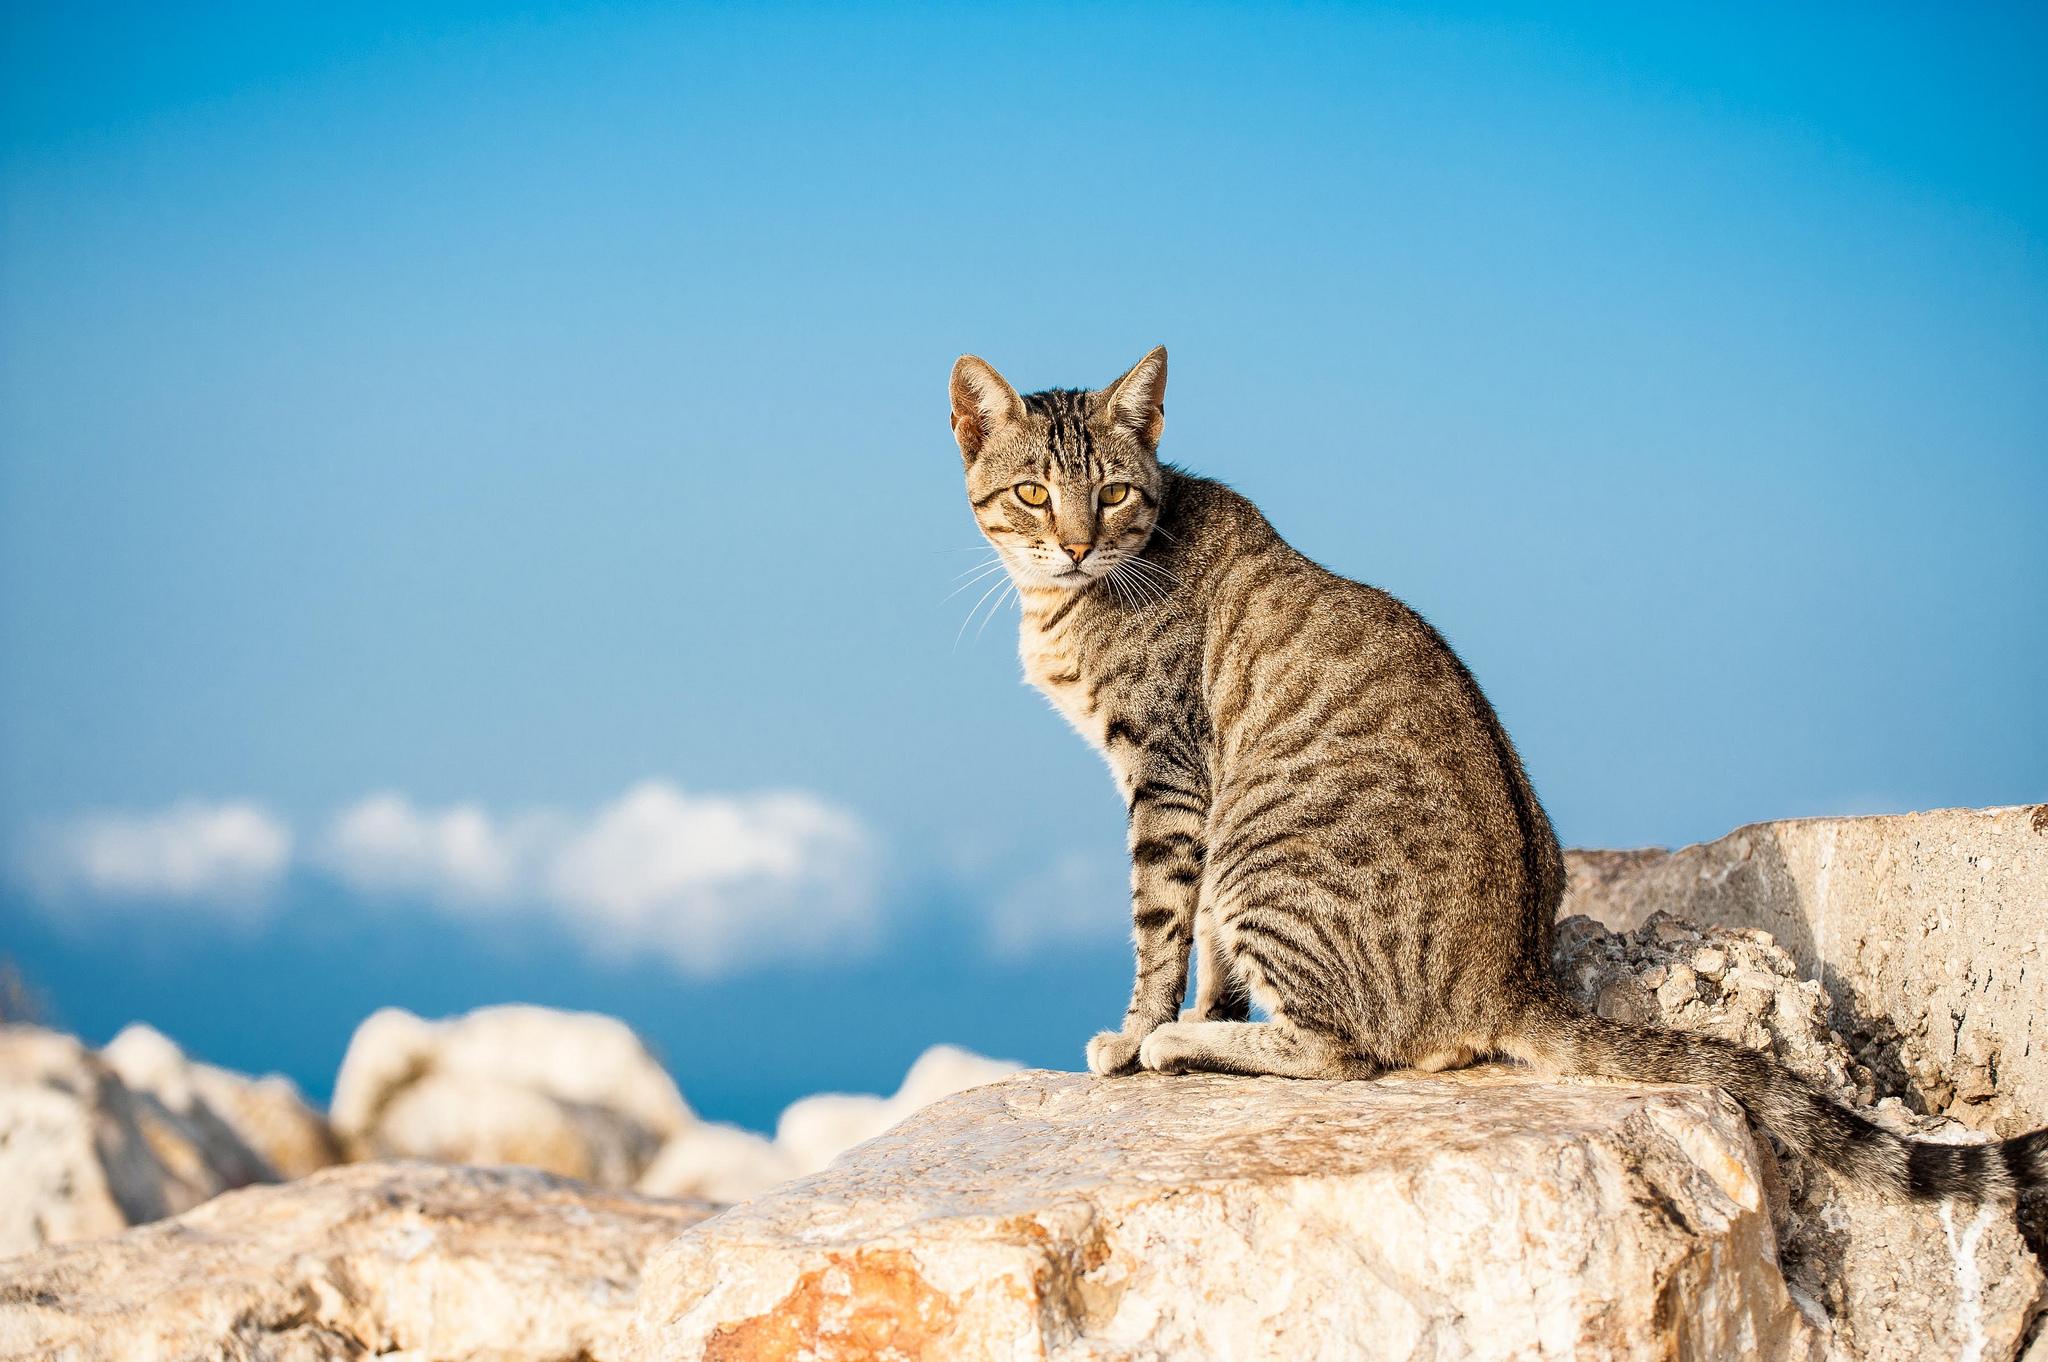 Кот на камушках  № 530460 загрузить